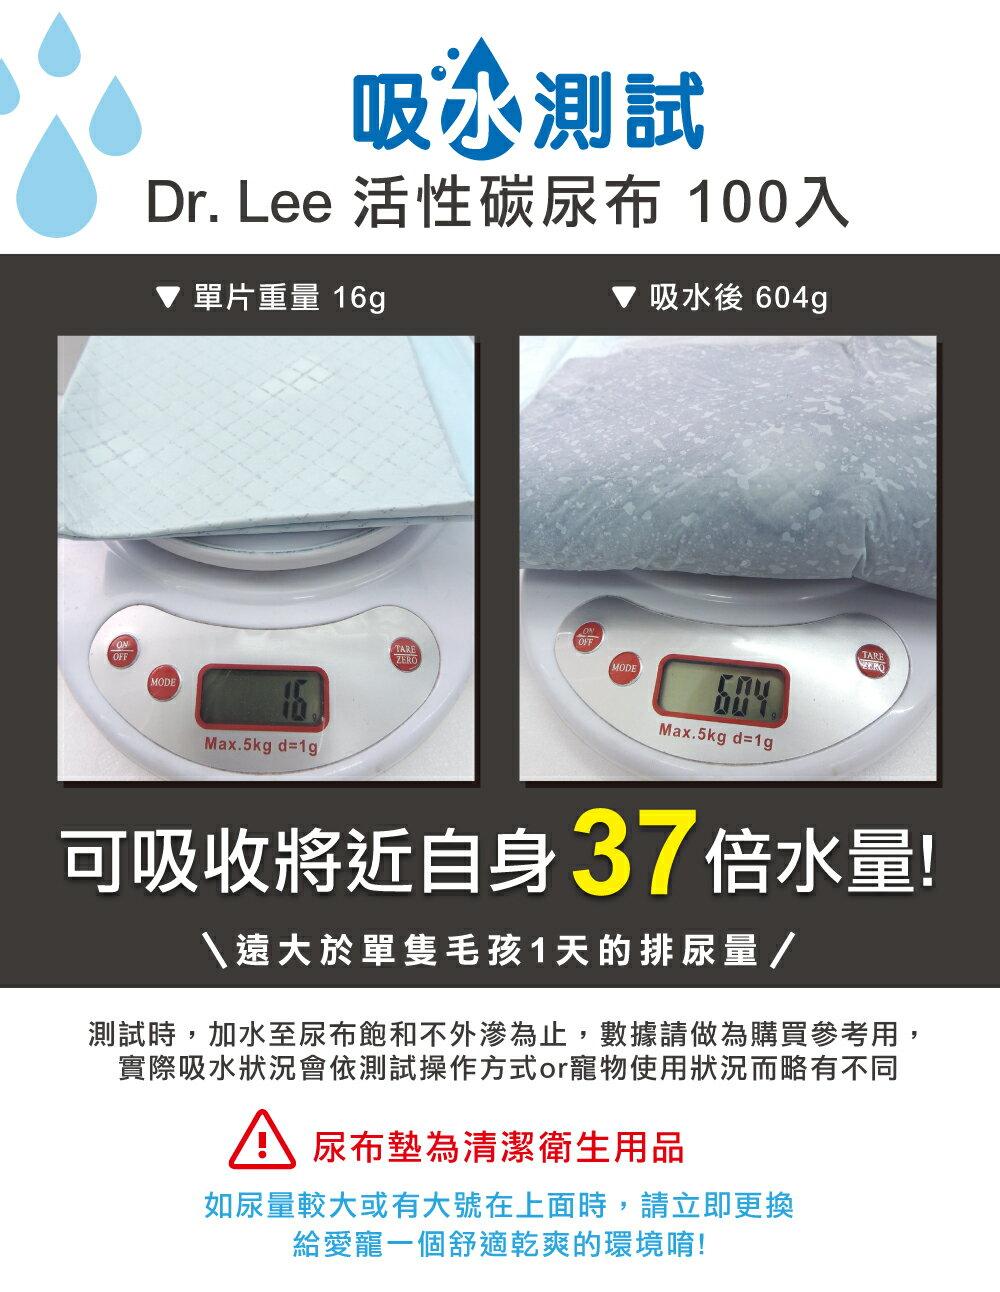 Dr. Lee 專業用活性碳尿布  寵物尿布墊  100入(30*45cm) 單筆超取限3包 (H003A11)  好窩生活節 2